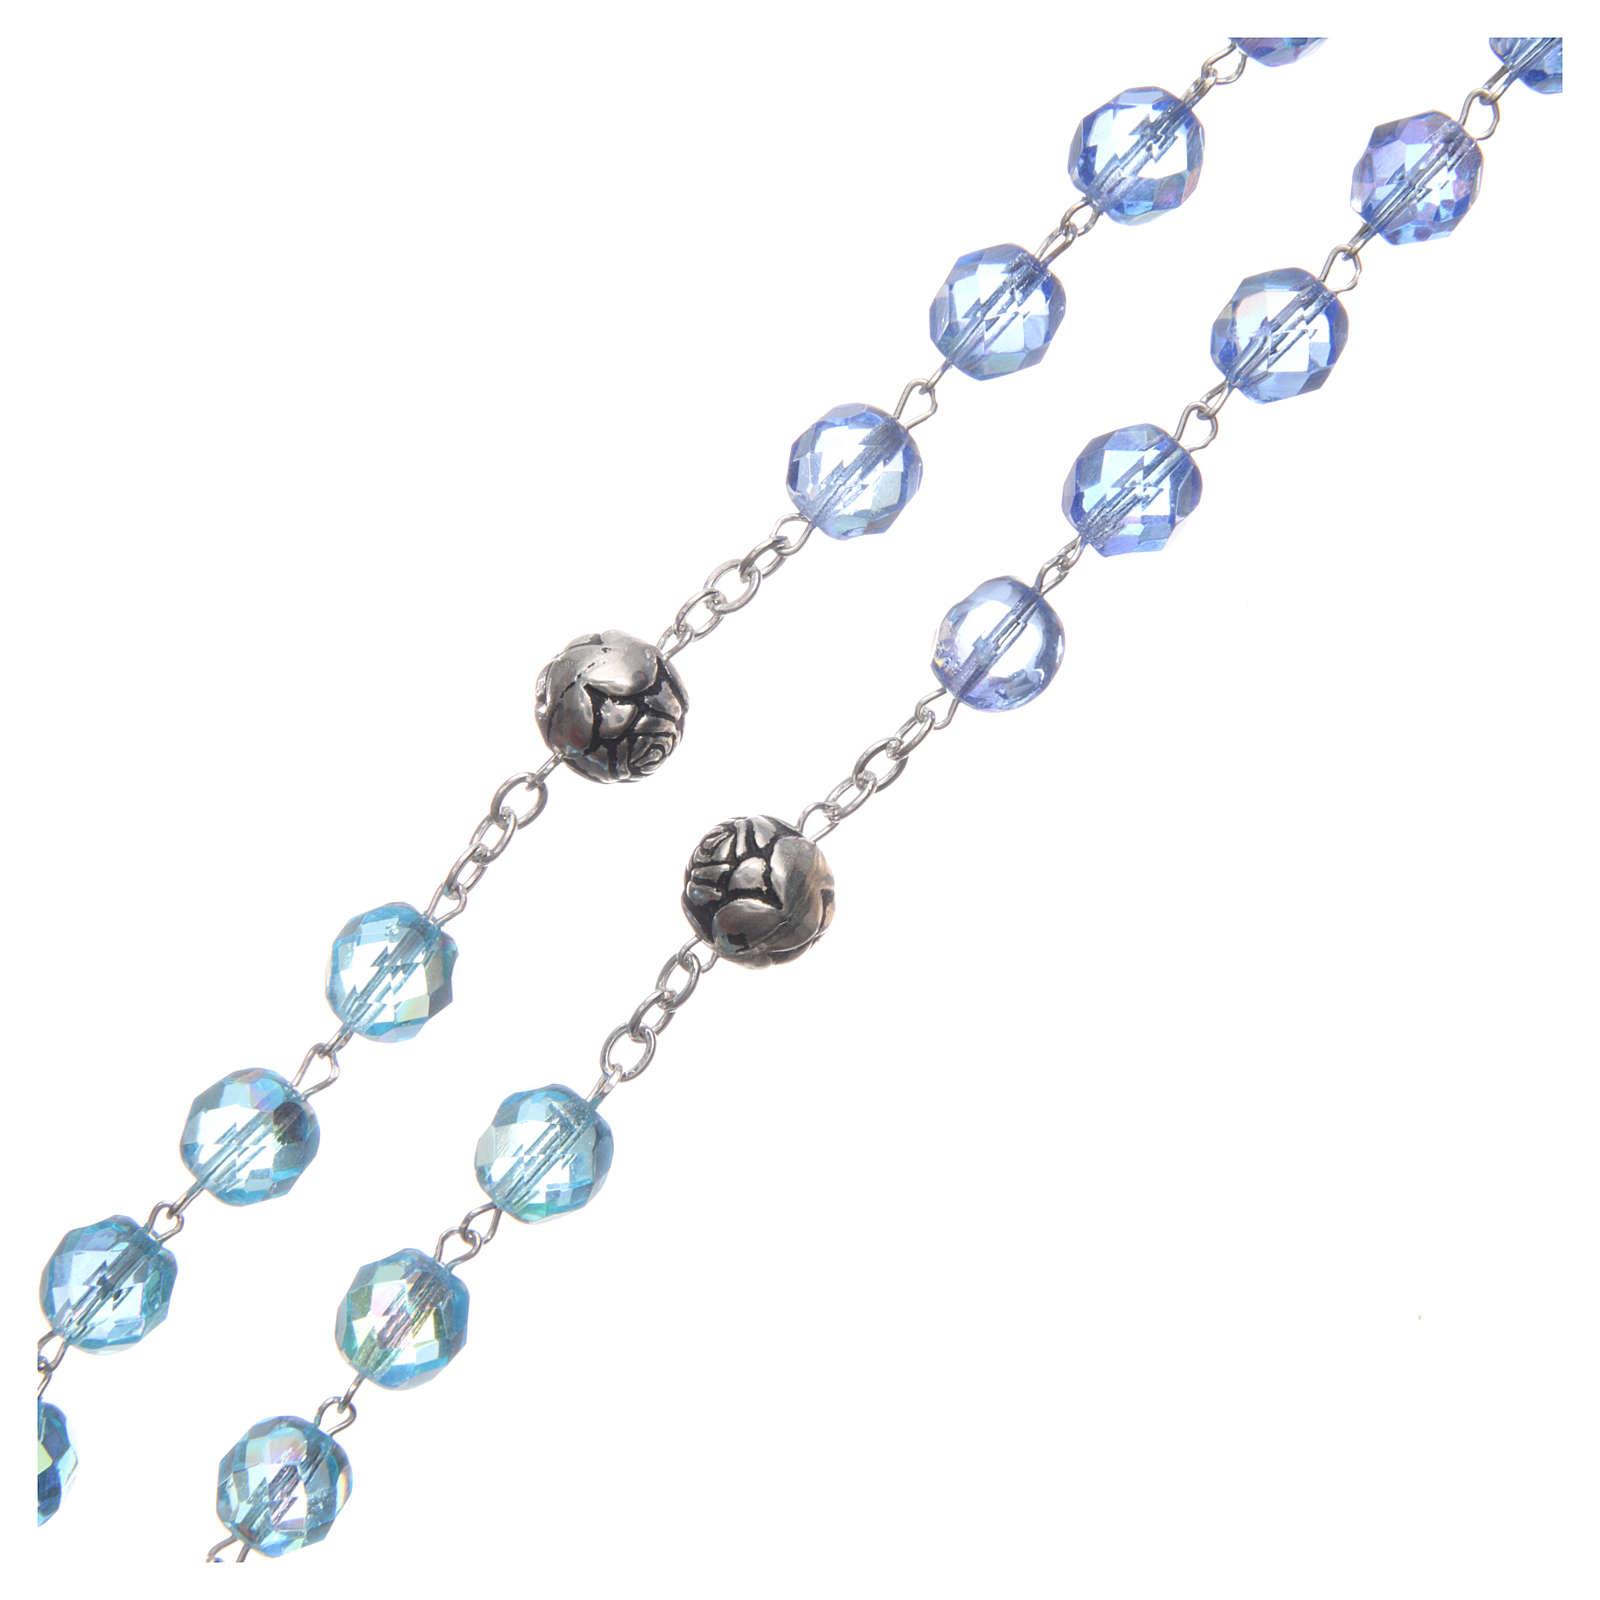 Chapelet cristal nuances bleu médaille parlante ANG 8 mm 4